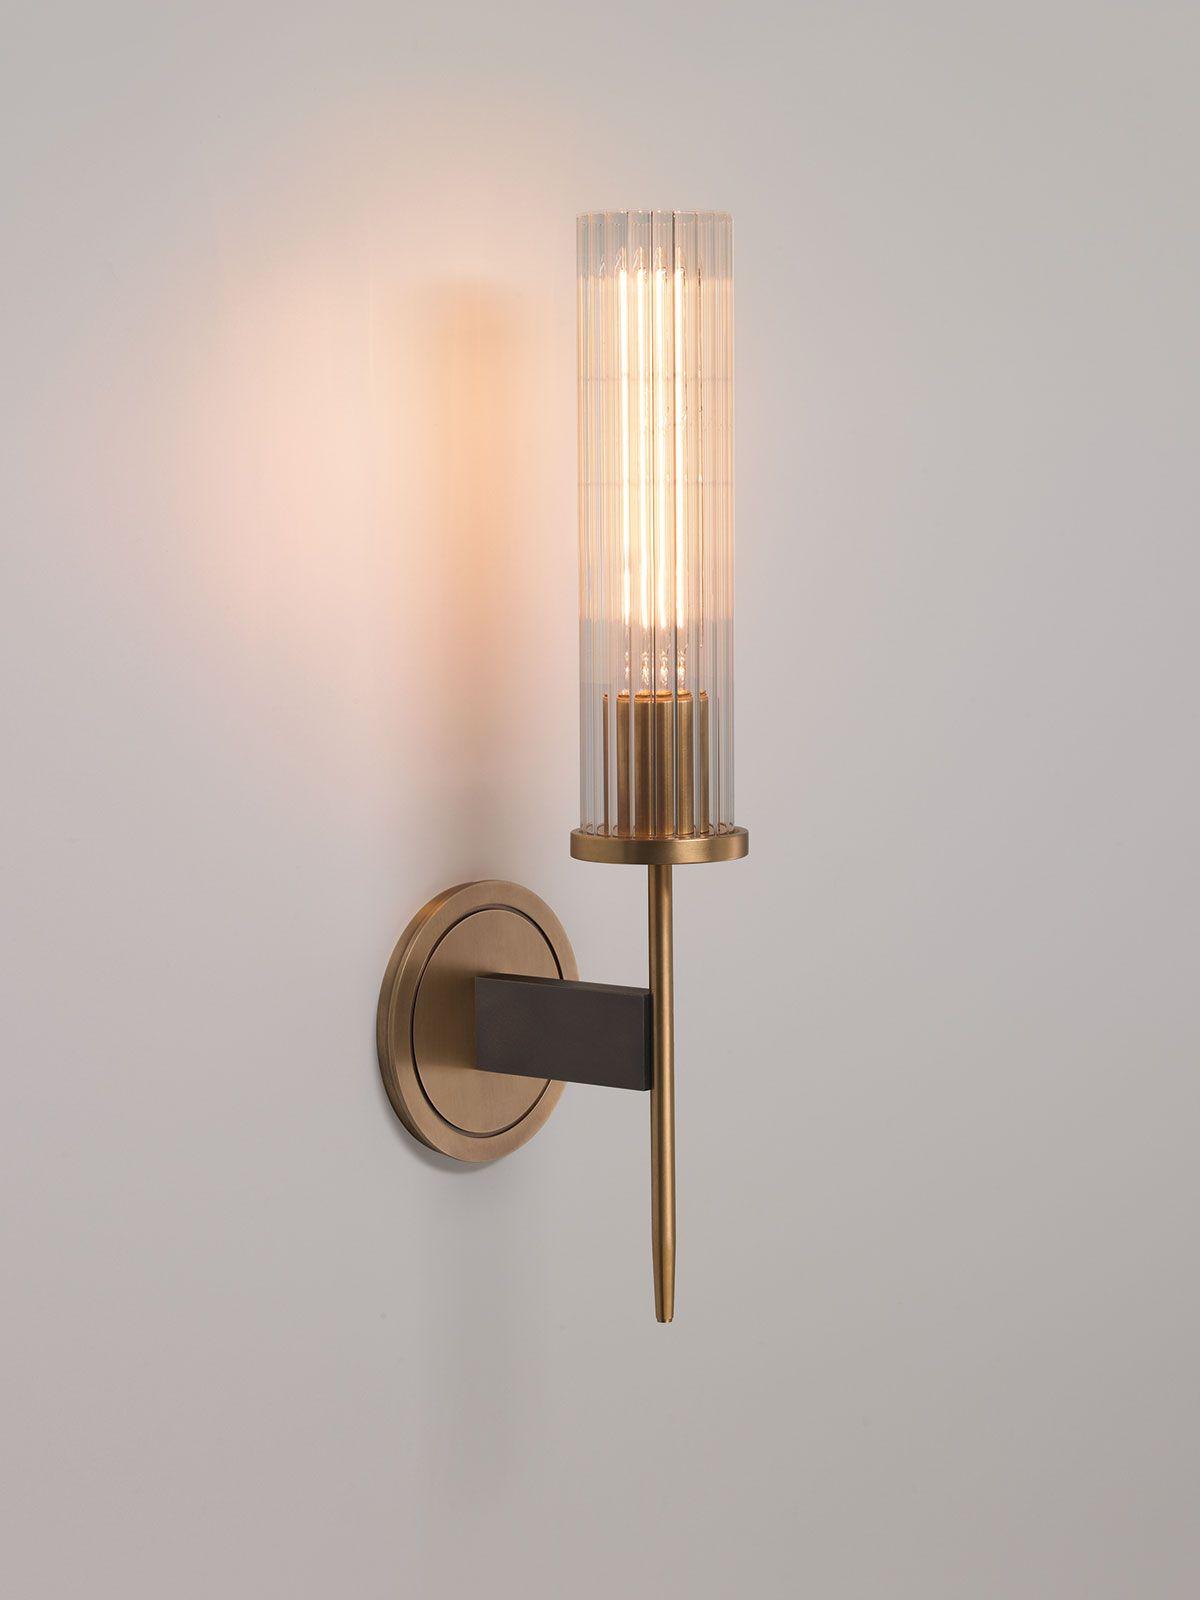 De Sousa Hughes Lighting Con Imagenes Lamparas De Pared